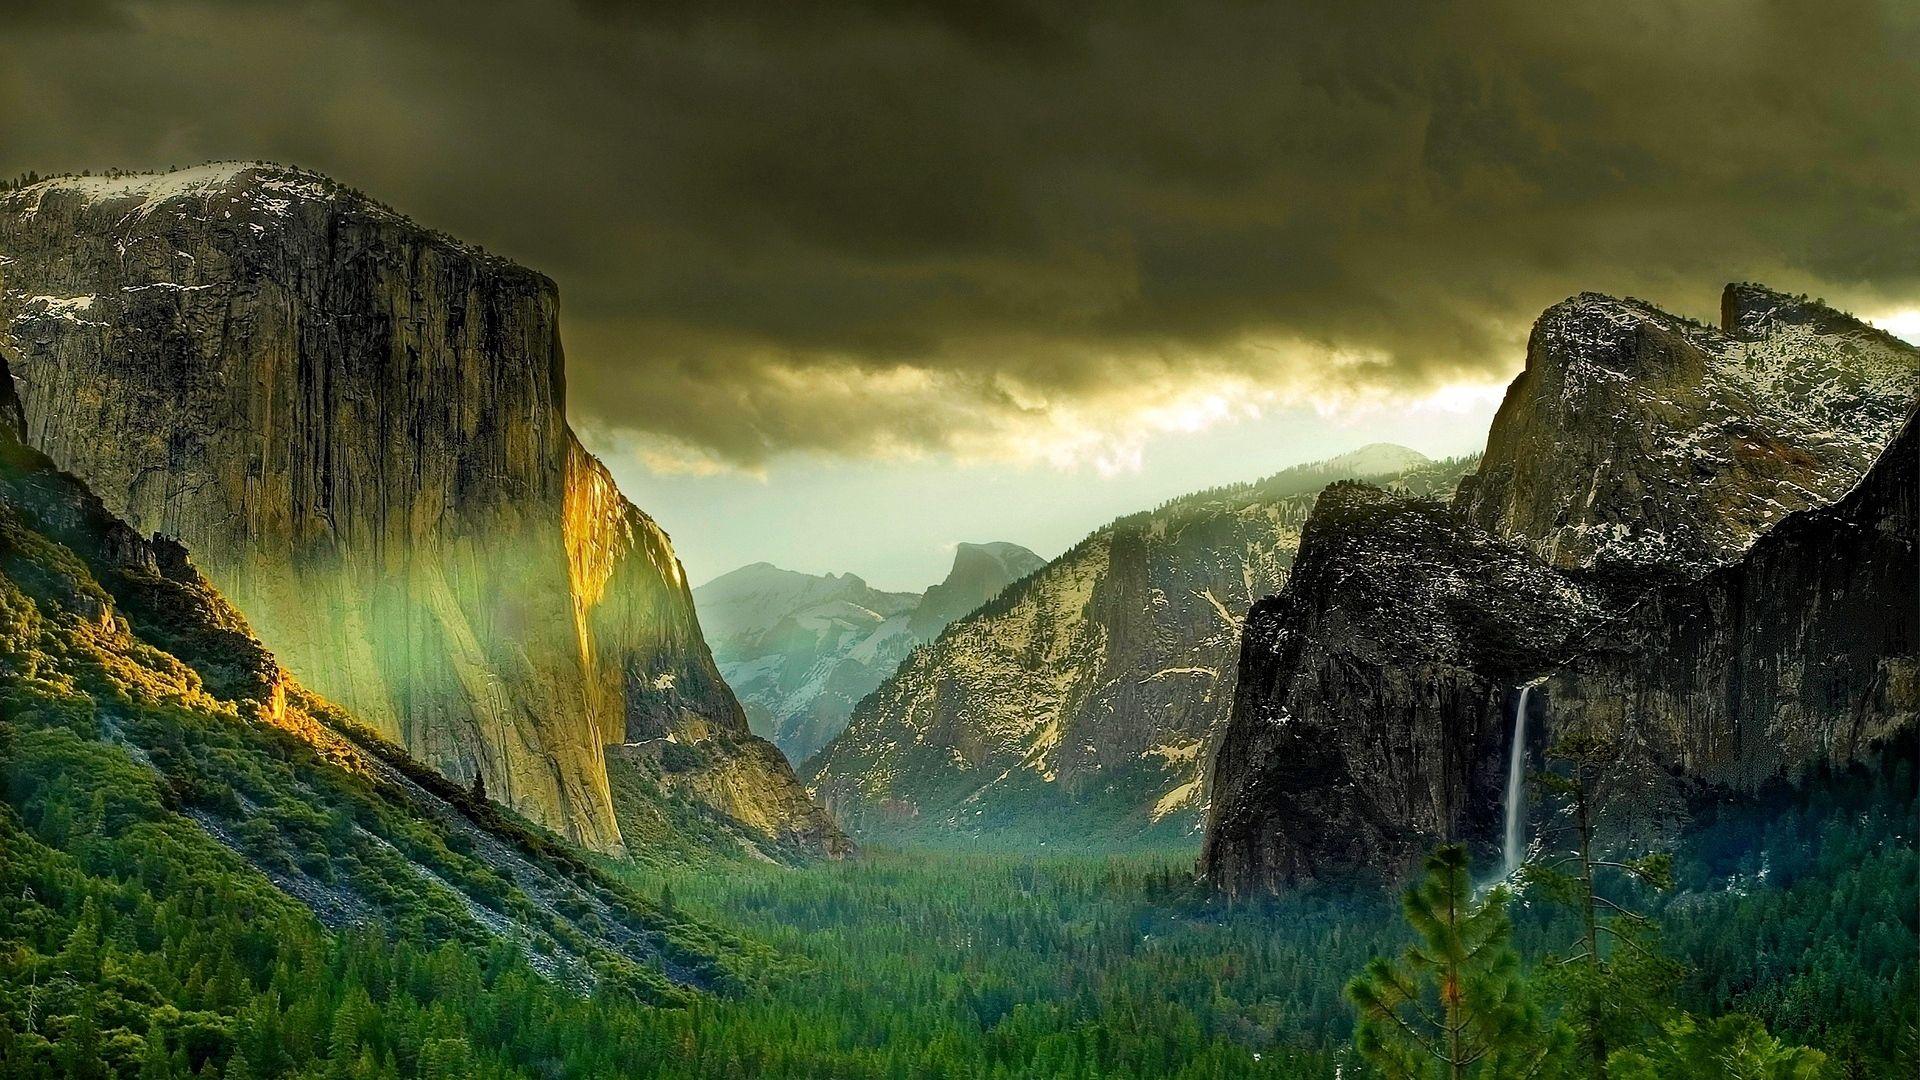 Rocky Mountain free